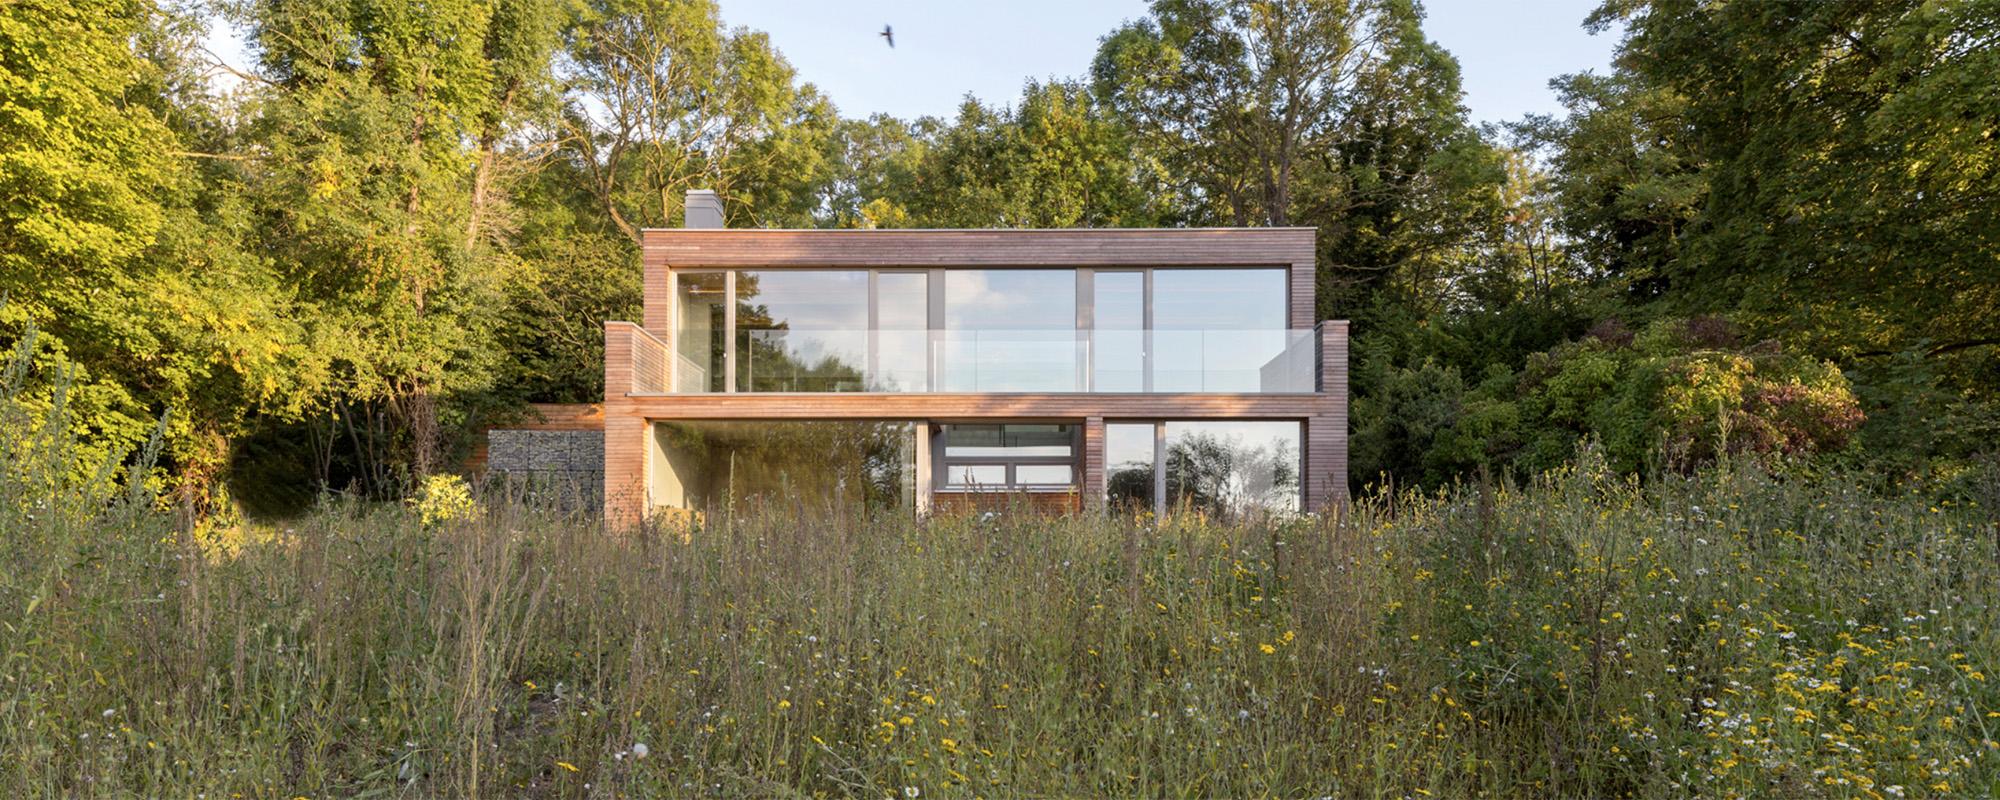 Lark Rise: an all-electric energy positive Passivhaus Plus